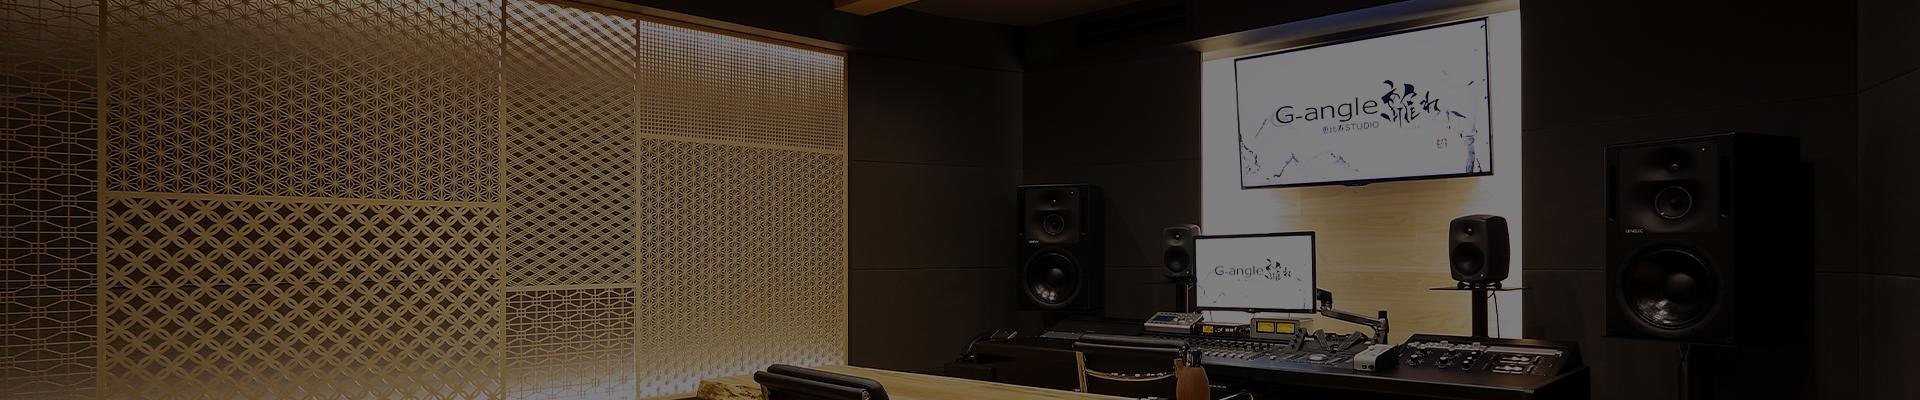 アフレコ・ナレーション収録|ジーアングル スタジオ 離れ「奏 - kanade」「響 - hibiki」「鼓 - tsuzumi」